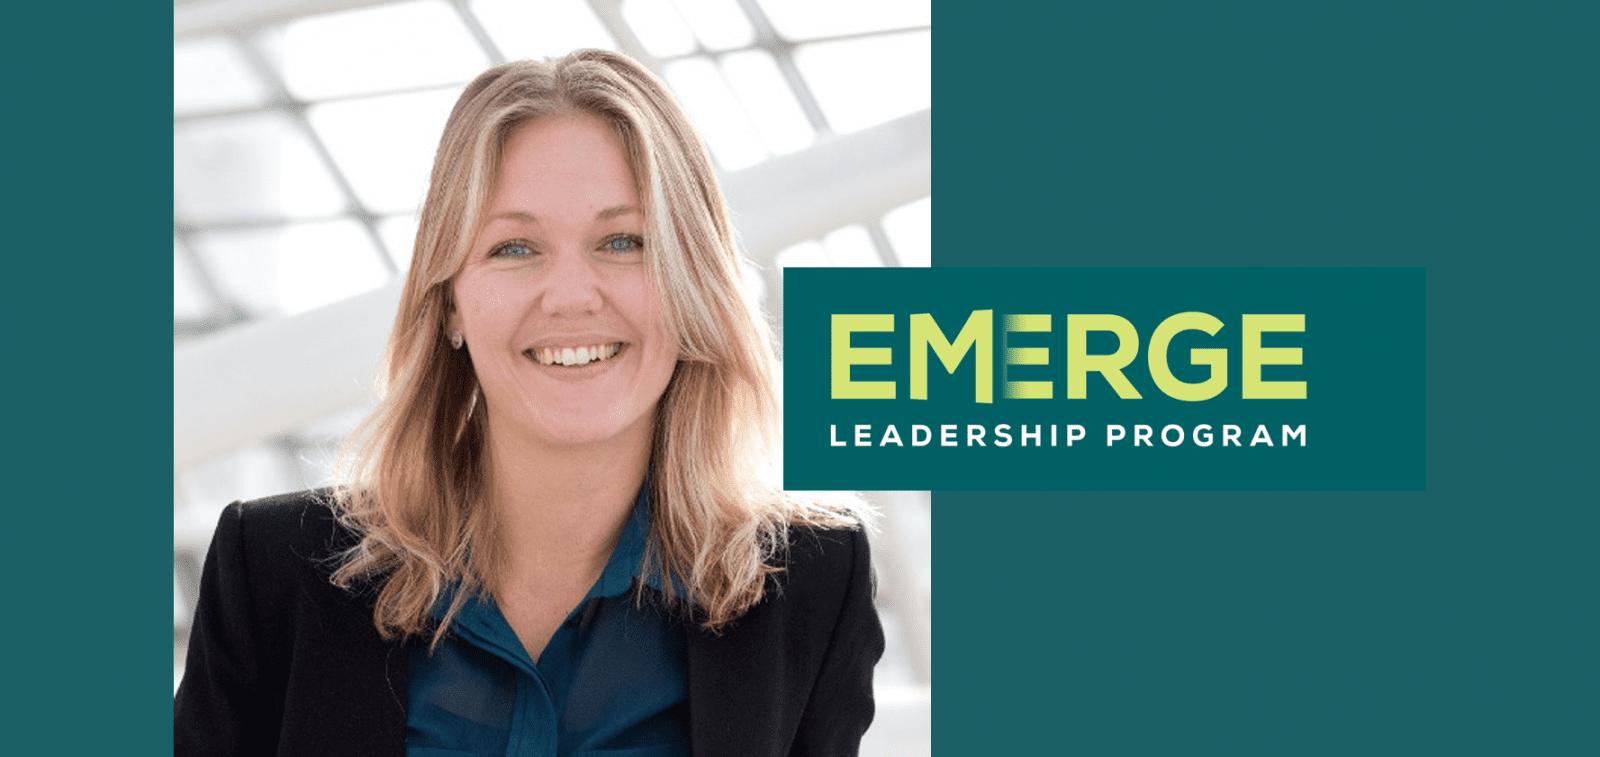 Novares ledarskapsprogram Emerge, intervju med alumn